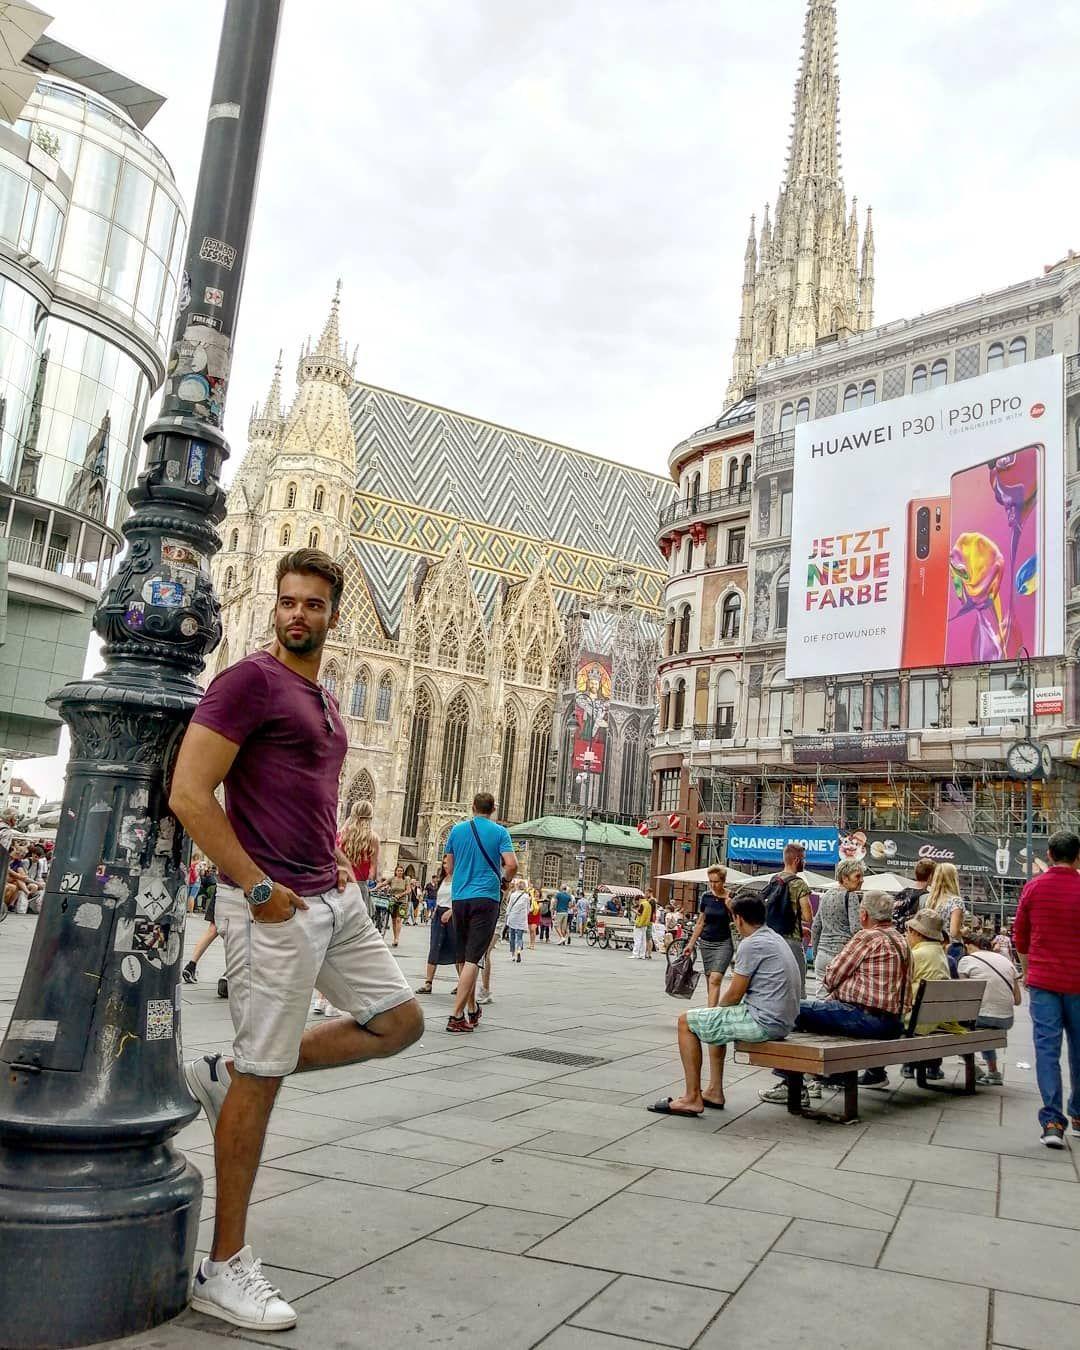 #vienna #wien #österreich #austria🇦🇹 #european #travelaustria #travelblogger #traveladdict #travelholic #travelinspira...